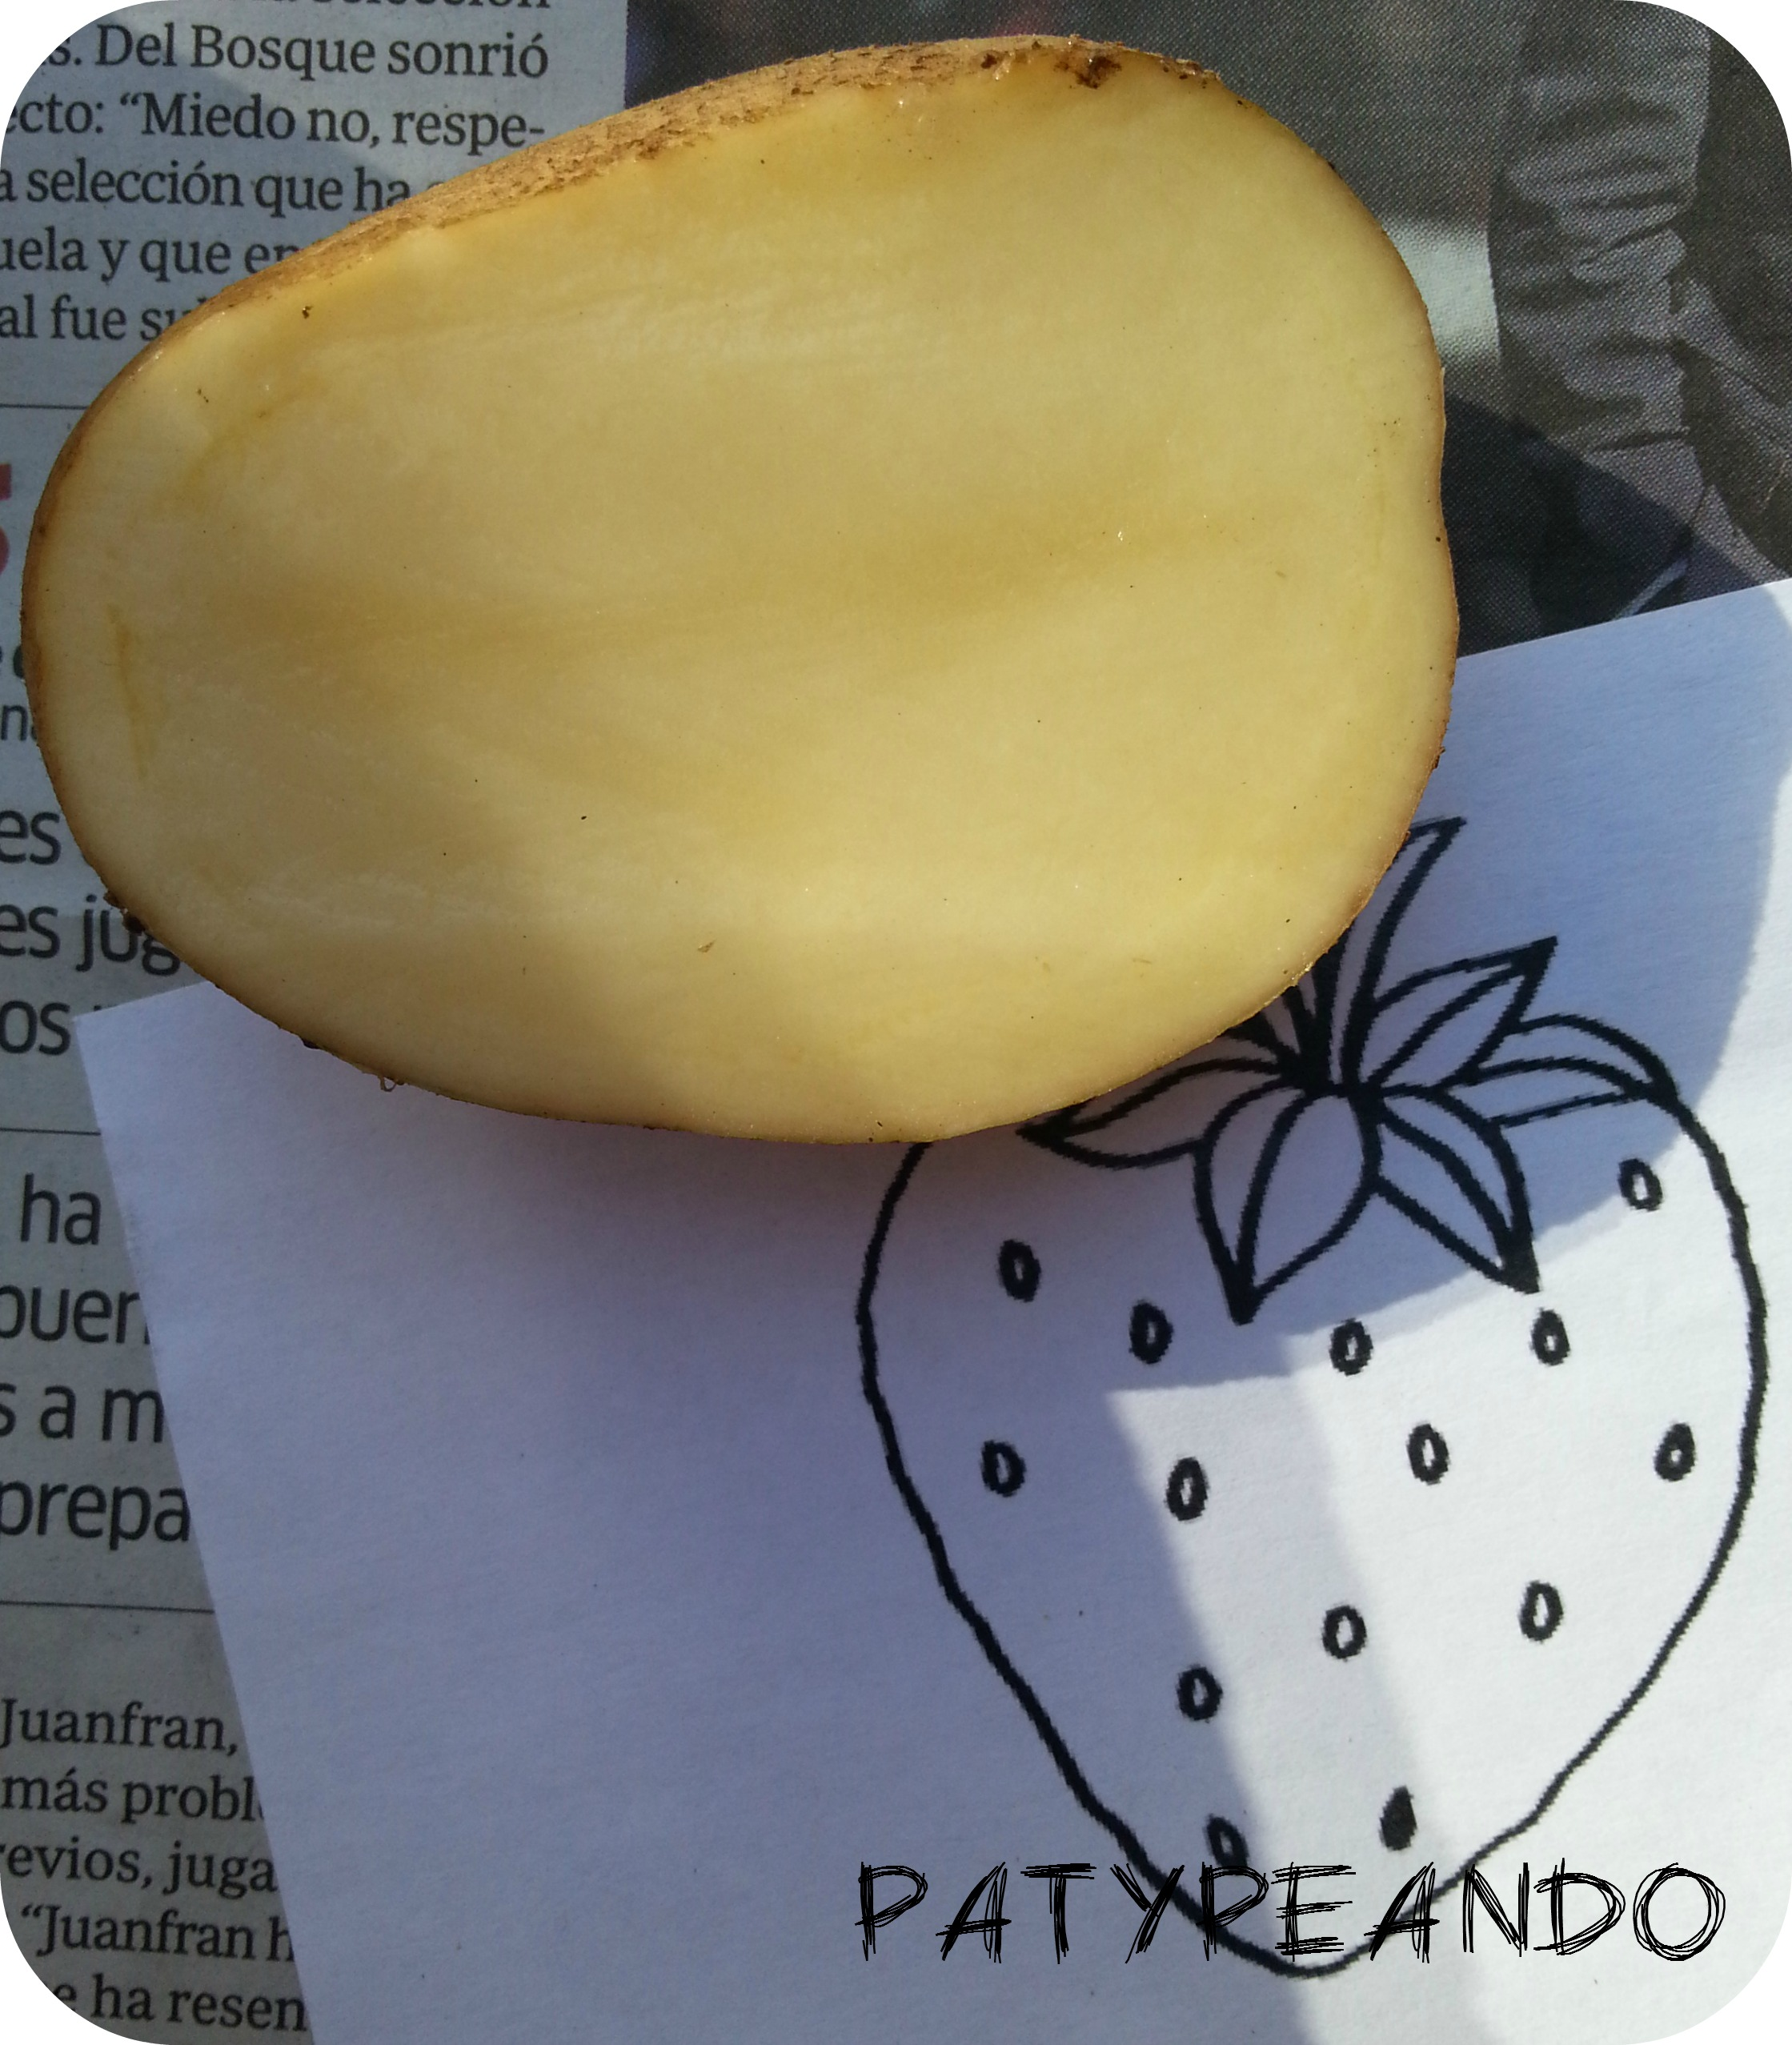 SELLO PATATA